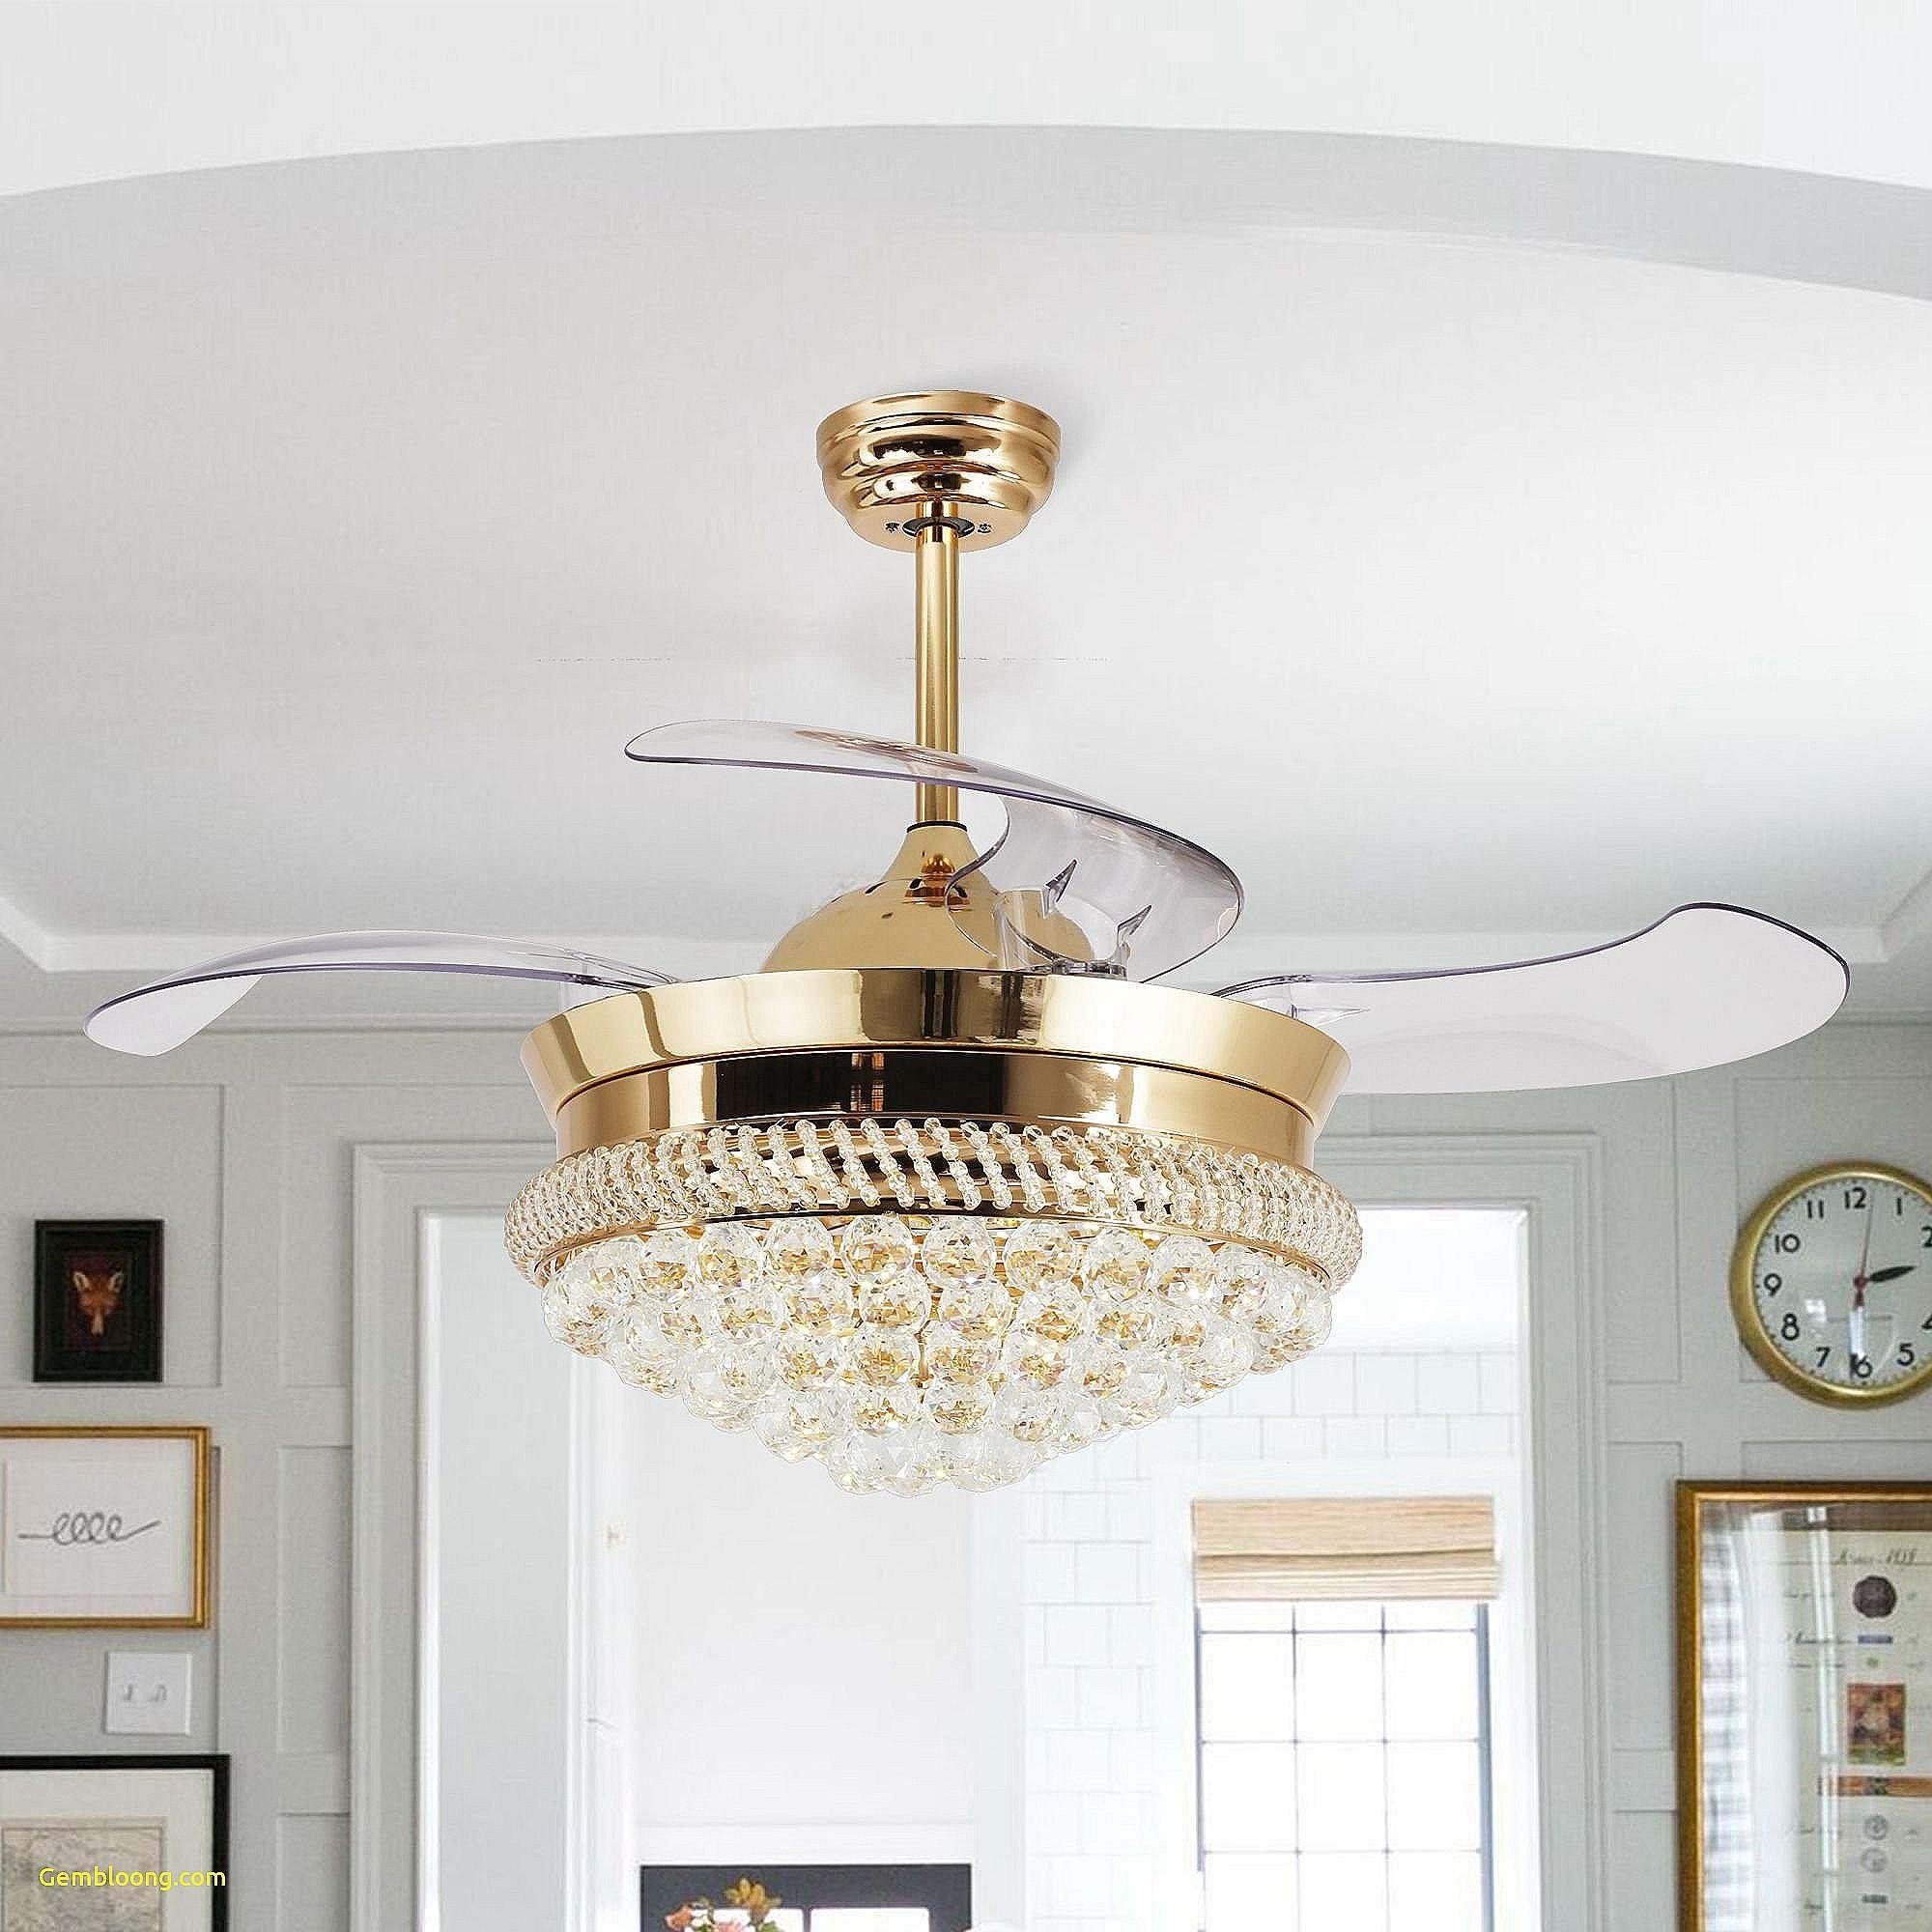 Lovely Lighting For A Small Kitchen Lightingforfilmnoir Lightingforliving Lightingfor Ceiling Fan Chandelier Ceiling Fan With Light Led Crystal Chandelier